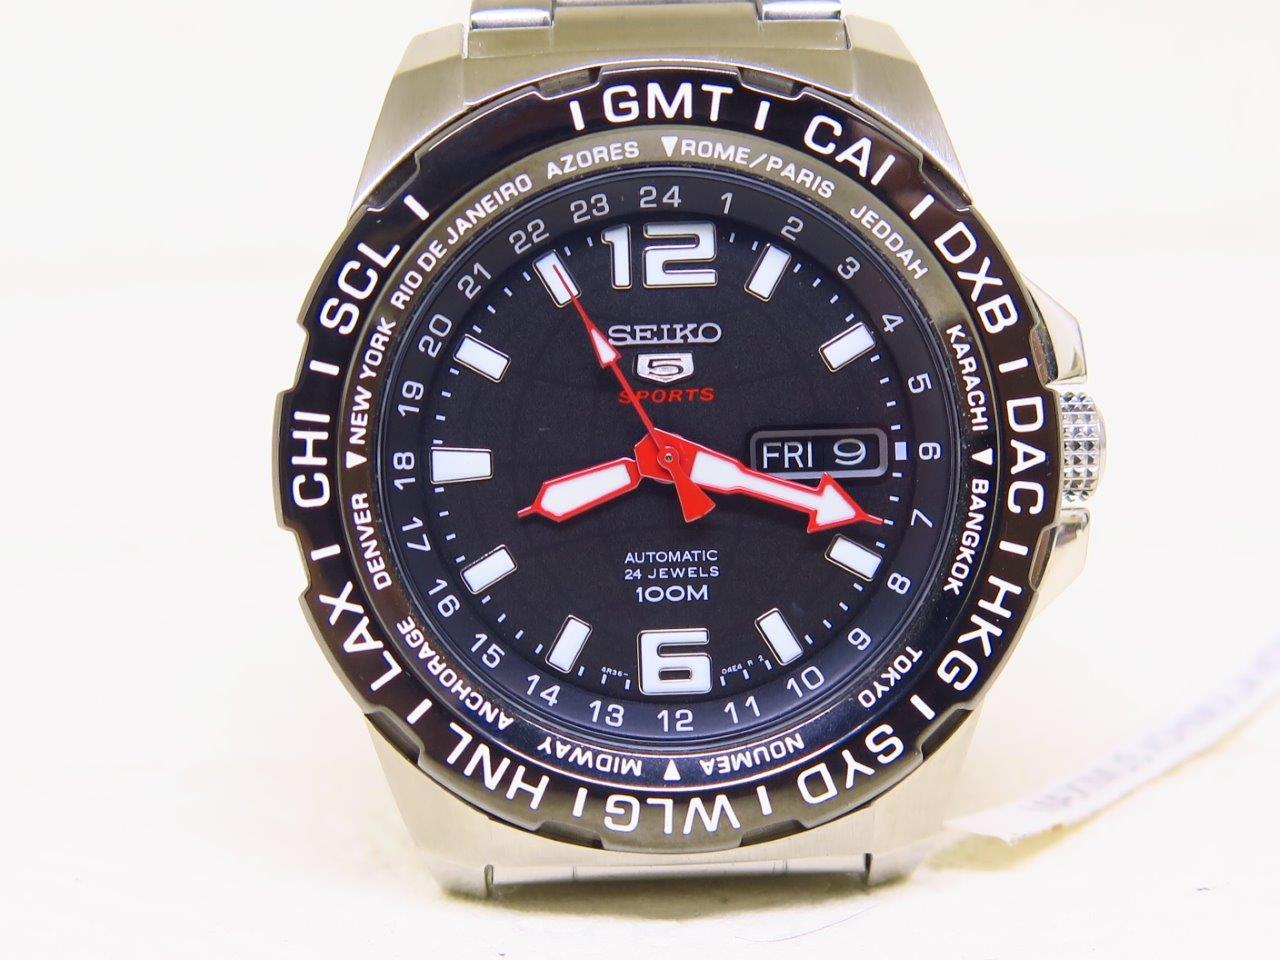 SEIKO 5 SPORTS GMT WORLDTIME - SEIKO SRP685K1 - AUTOMATIC